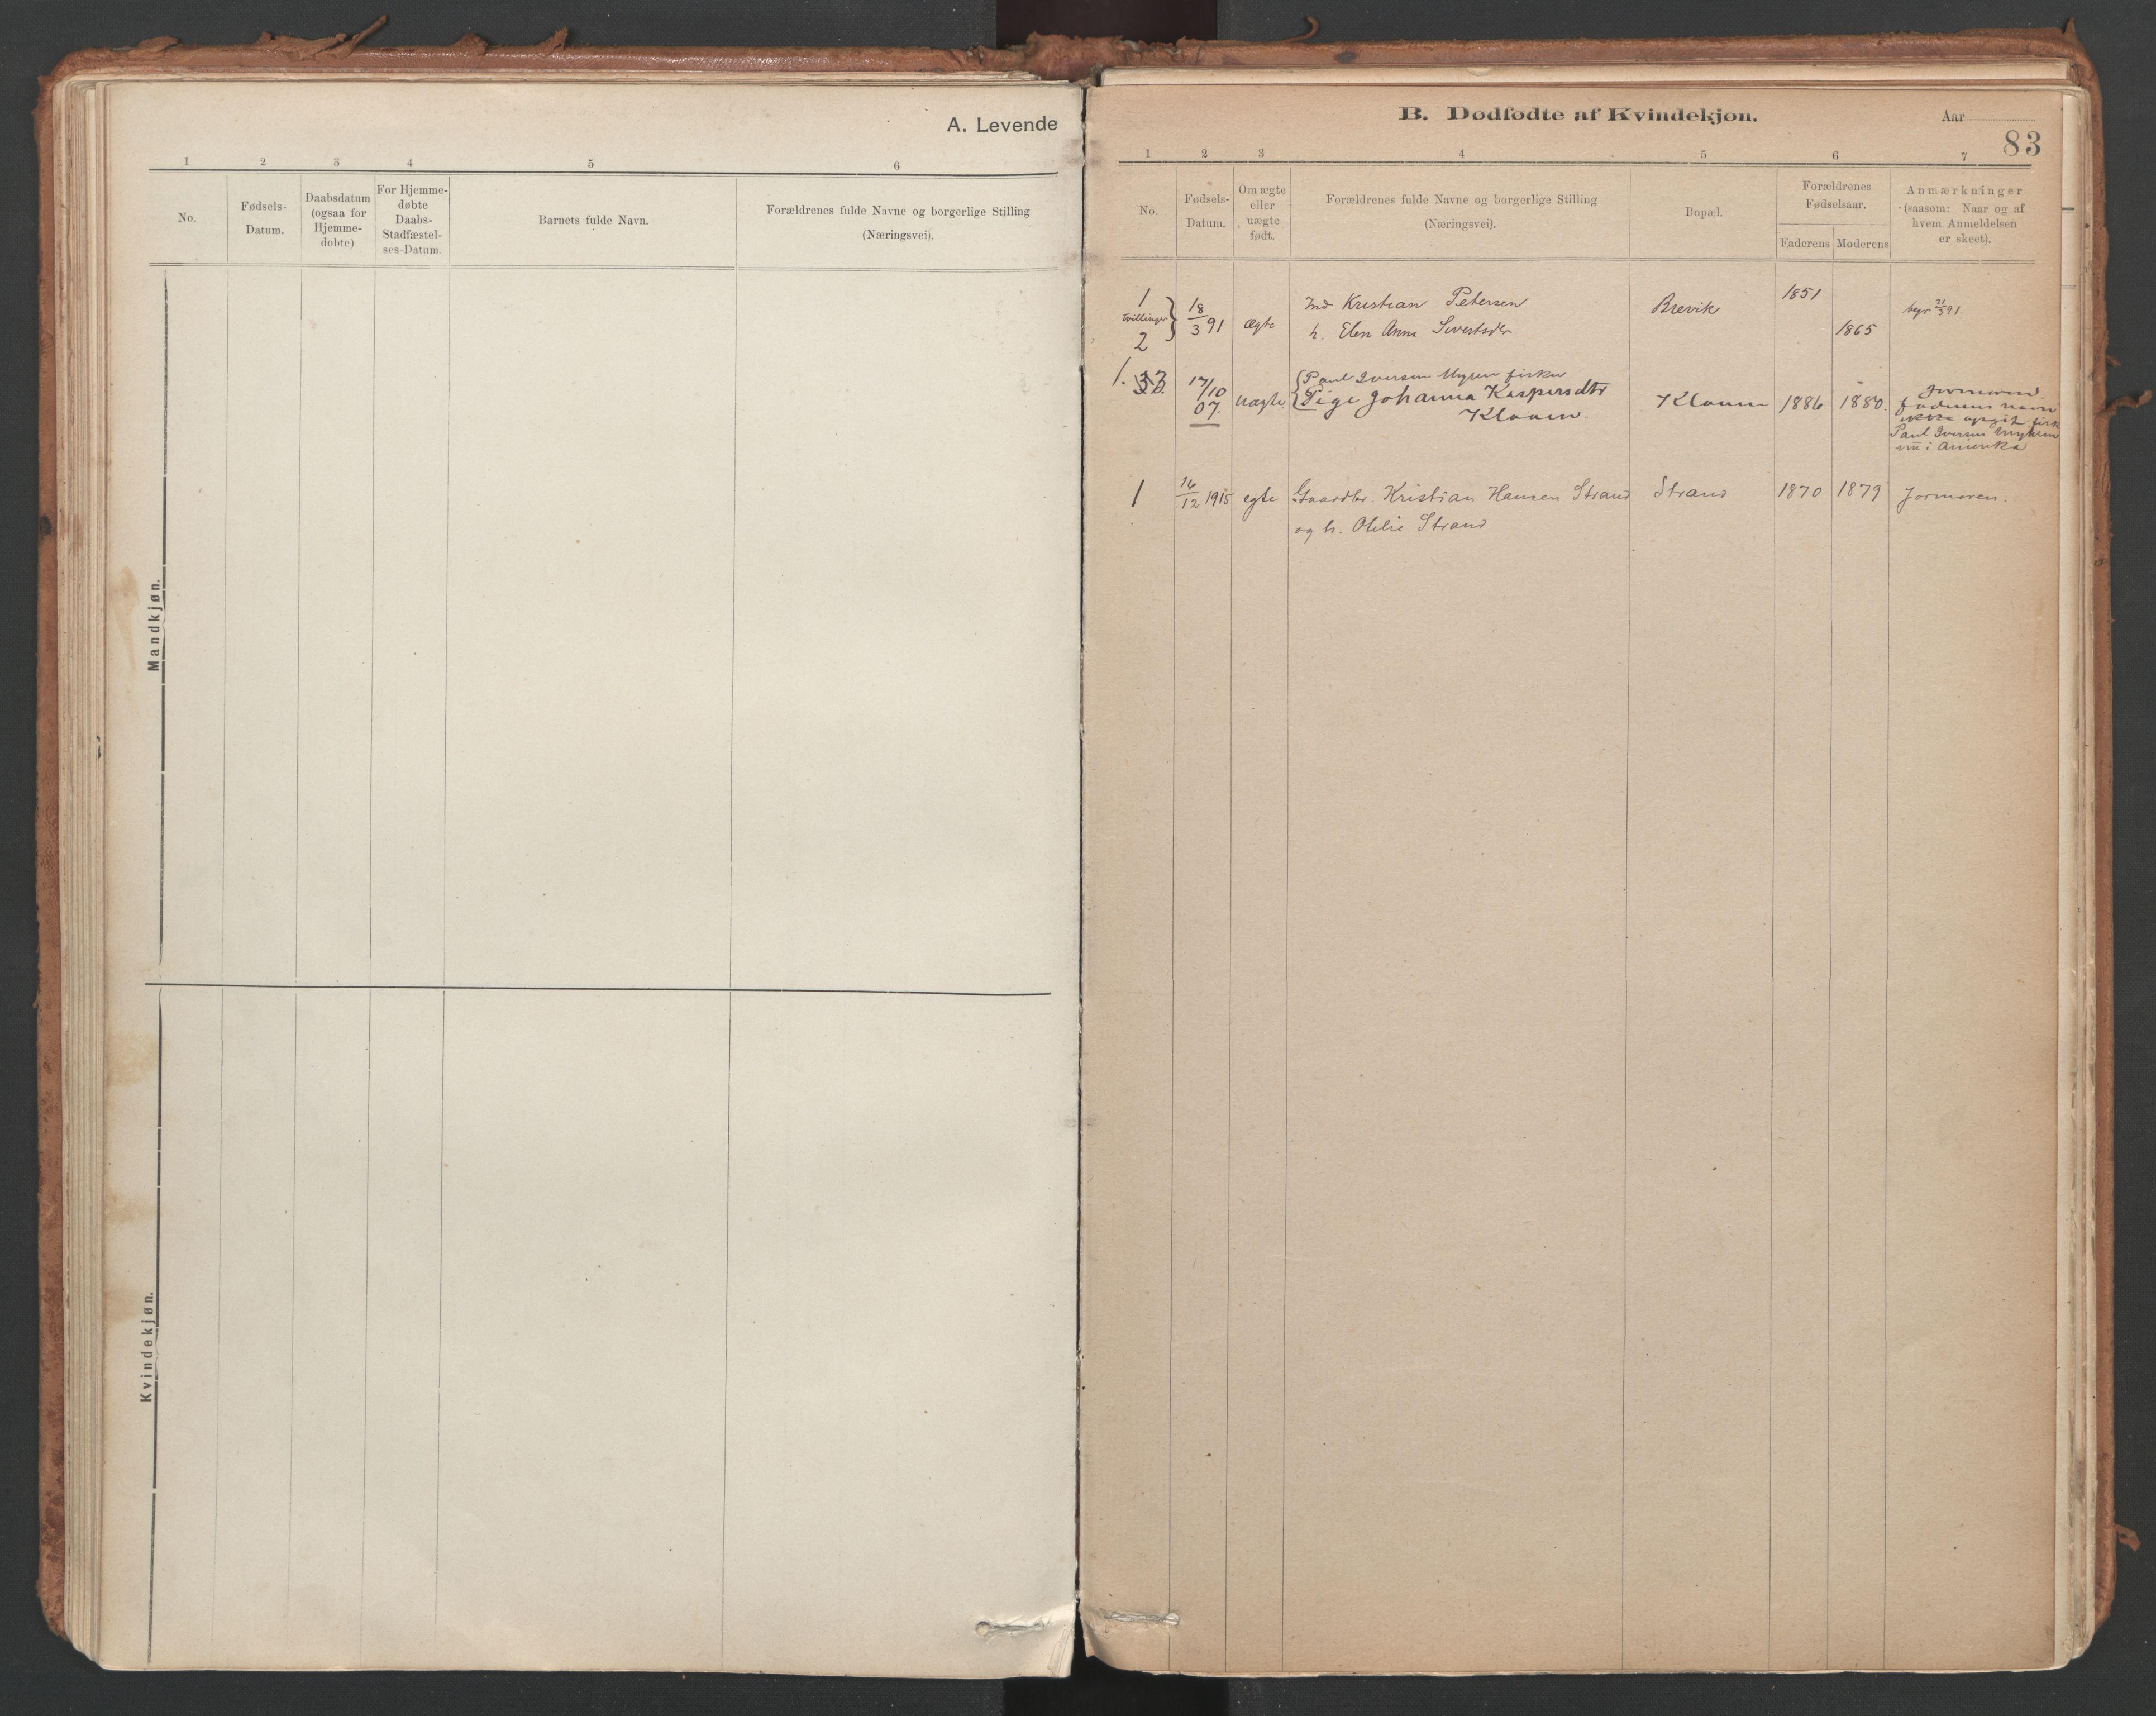 SAT, Ministerialprotokoller, klokkerbøker og fødselsregistre - Sør-Trøndelag, 639/L0572: Ministerialbok nr. 639A01, 1890-1920, s. 83